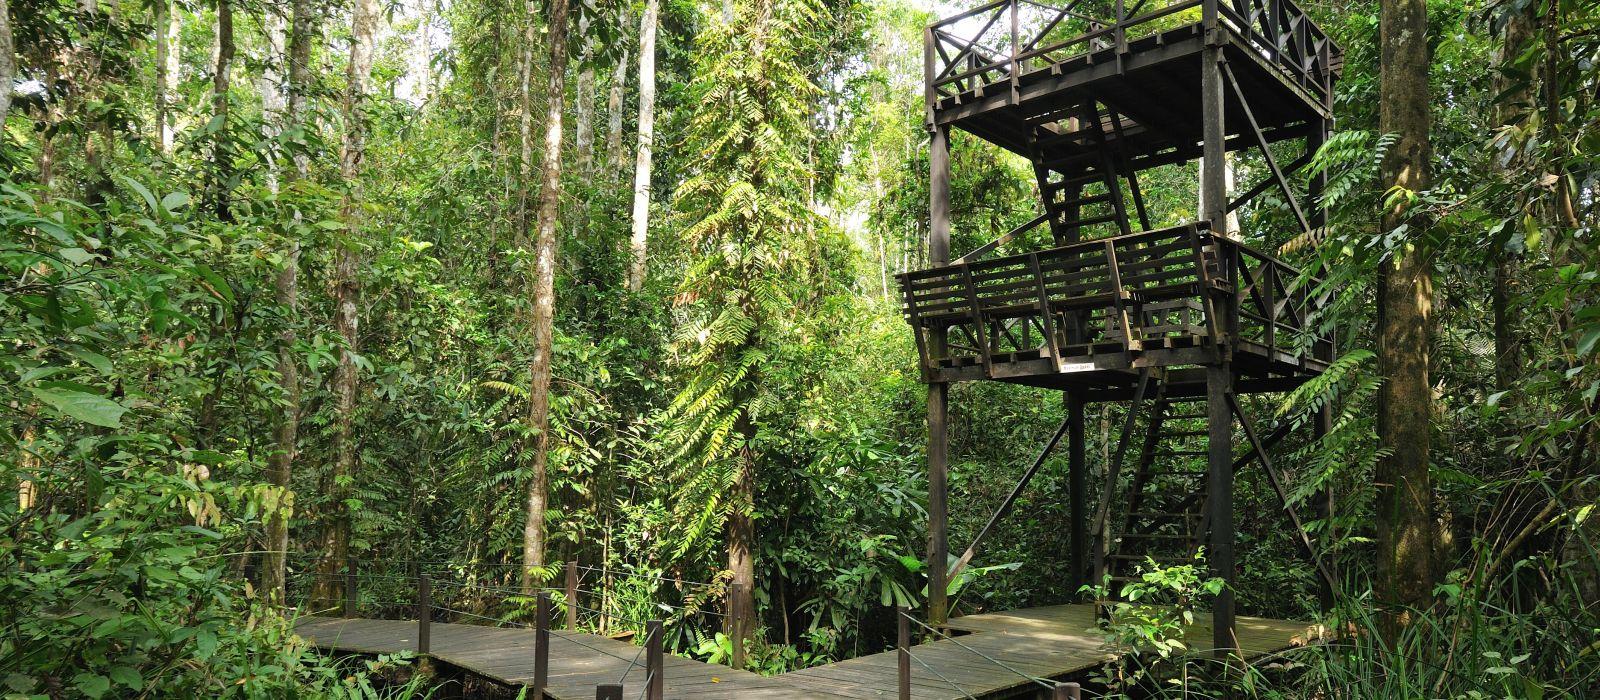 Nature, Wildlife & Adventure in Borneo Tour Trip 4